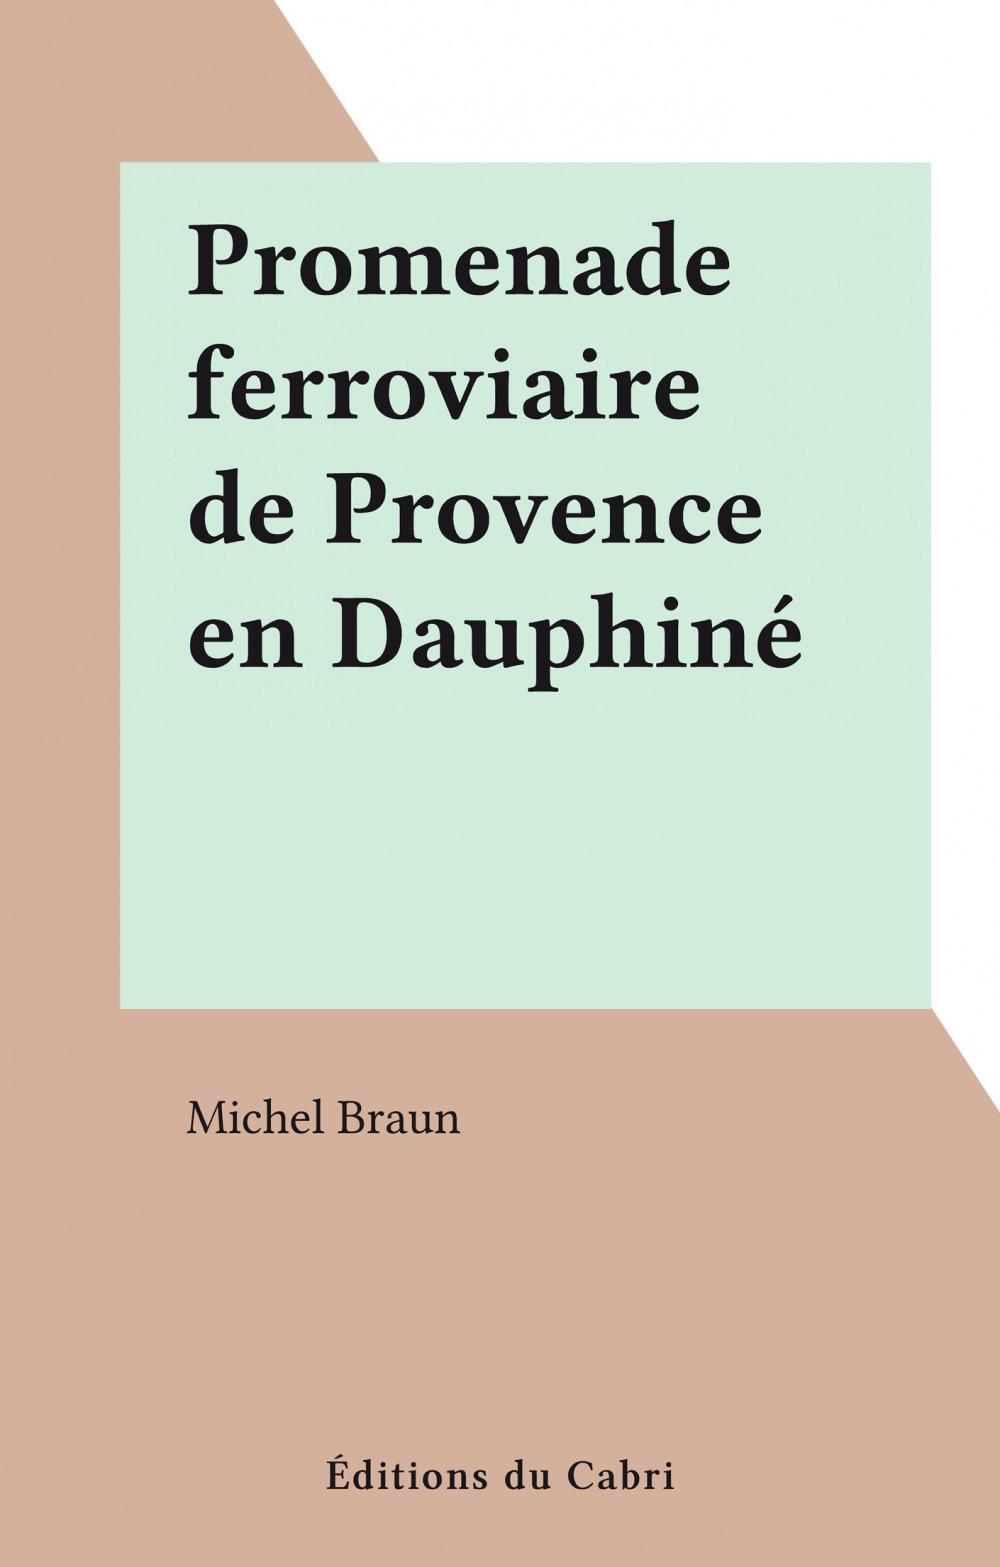 Promenade ferroviaire de Provence en Dauphiné